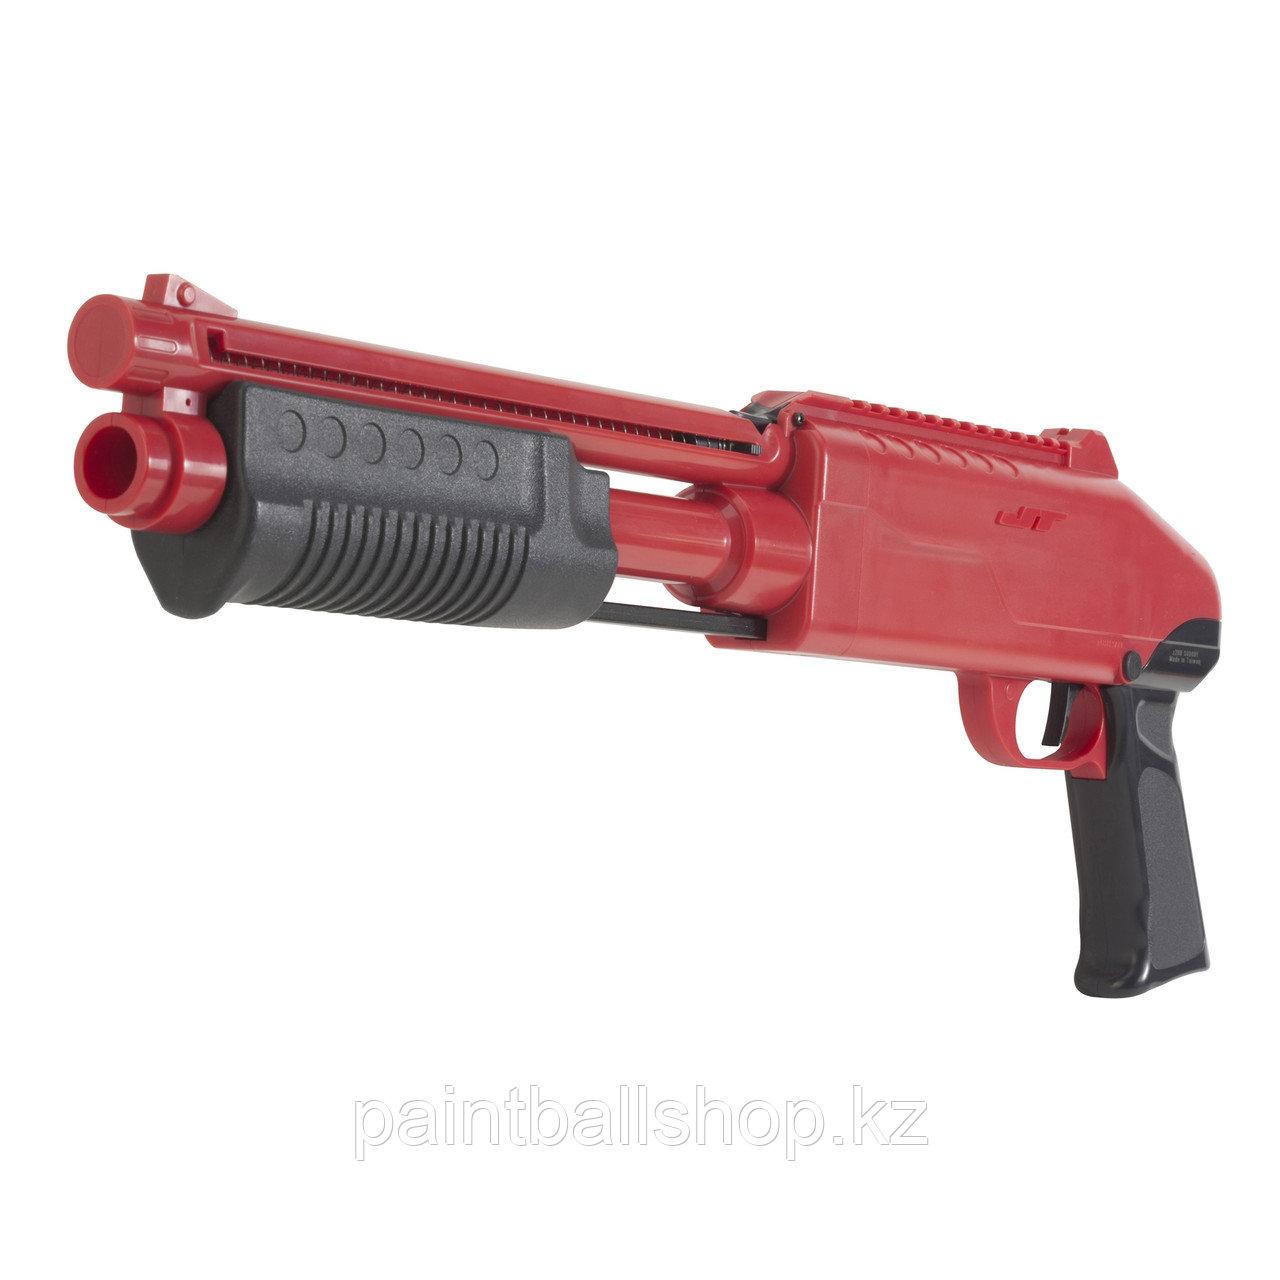 МАРКЕР JT SPLATMASTER Z200 SHOTGUN red